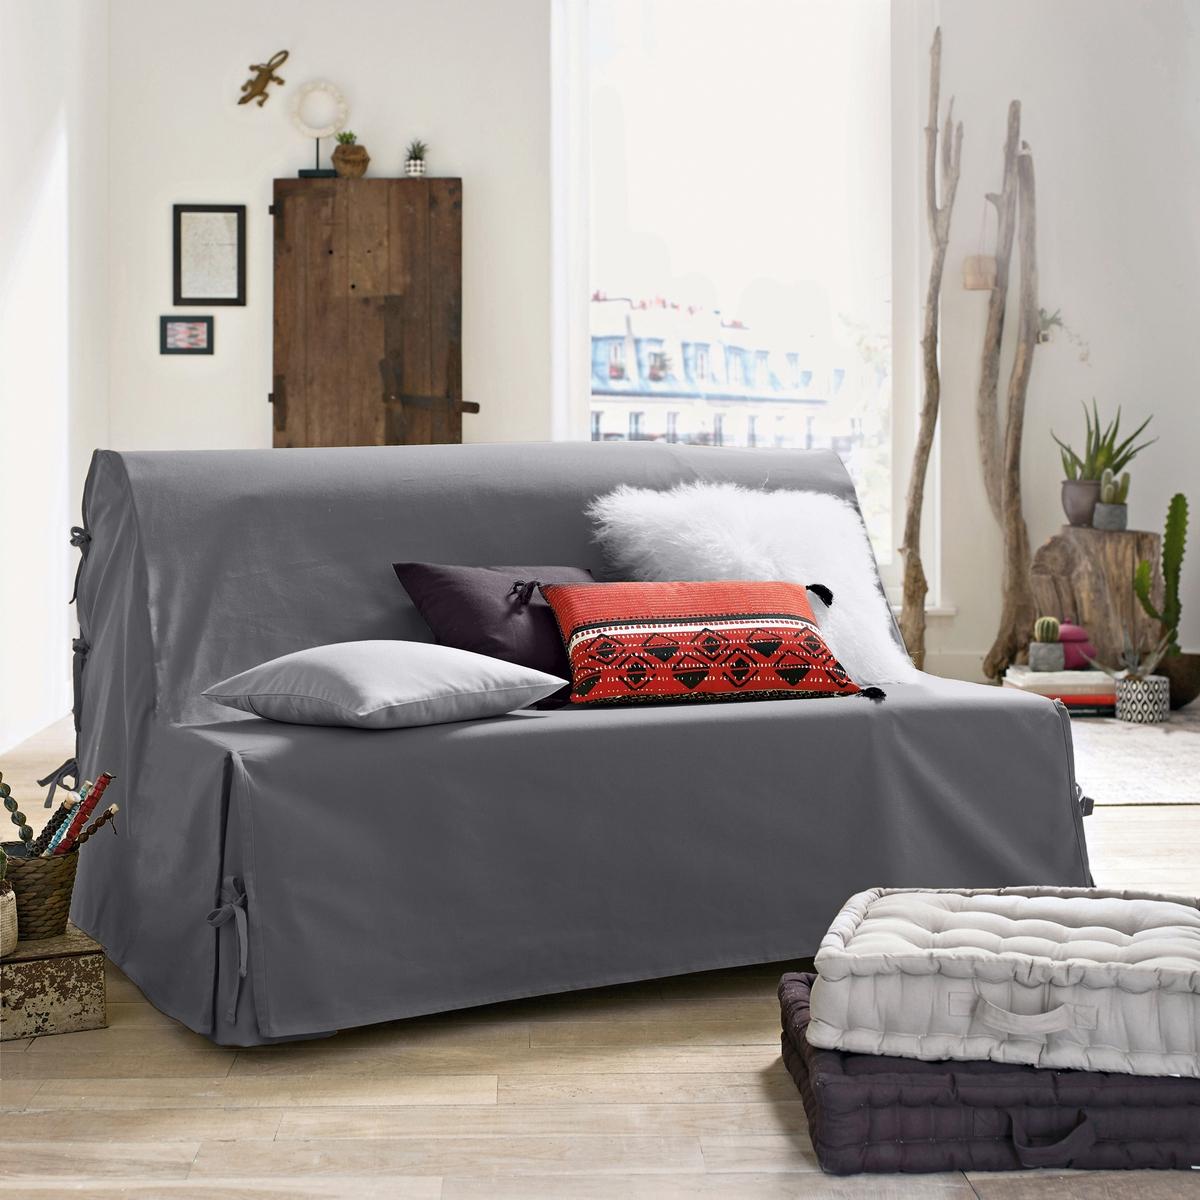 Чехол для дивана-аккордеонаЧехол для дивана-аккордеона выполнен в стильной цветовой гамме. Подарите новую жизнь дивану! Чехол из красивой плотной ткани, 100% хлопка (220 г/м?).Полностью закрывает диван включая спинку: удобные клапаны фиксируются завязками. Простой уход: стирка при 40°, превосходная стойкость цвета.Обработка против пятен.Размеры: 2 ширины на выбор. Длина в разложенном состоянии: 190 см. Качество VALEUR S?RE.  Производство осуществляется с учетом стандартов по защите окружающей среды и здоровья человека, что подтверждено сертификатом Oeko-tex®.<br><br>Цвет: белый,сине-зеленый<br>Размер: 160 cm.160 cm